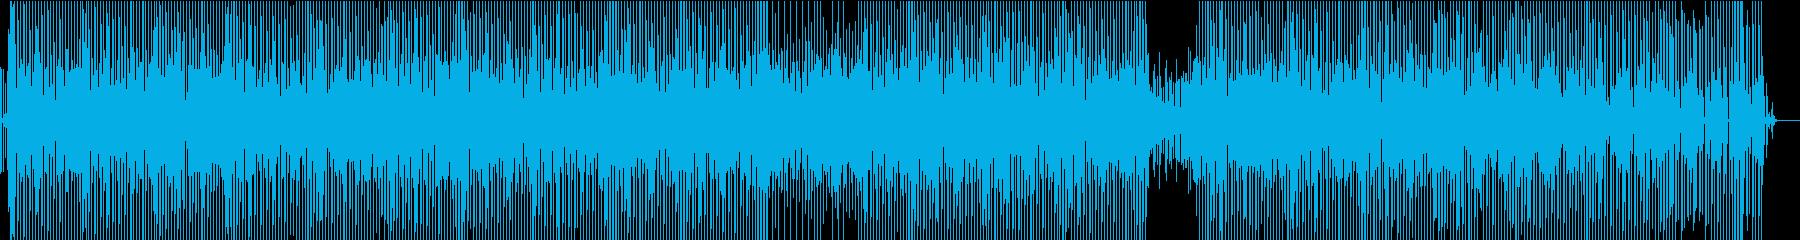 明るくノリの良いモダンディスコ系ビートの再生済みの波形